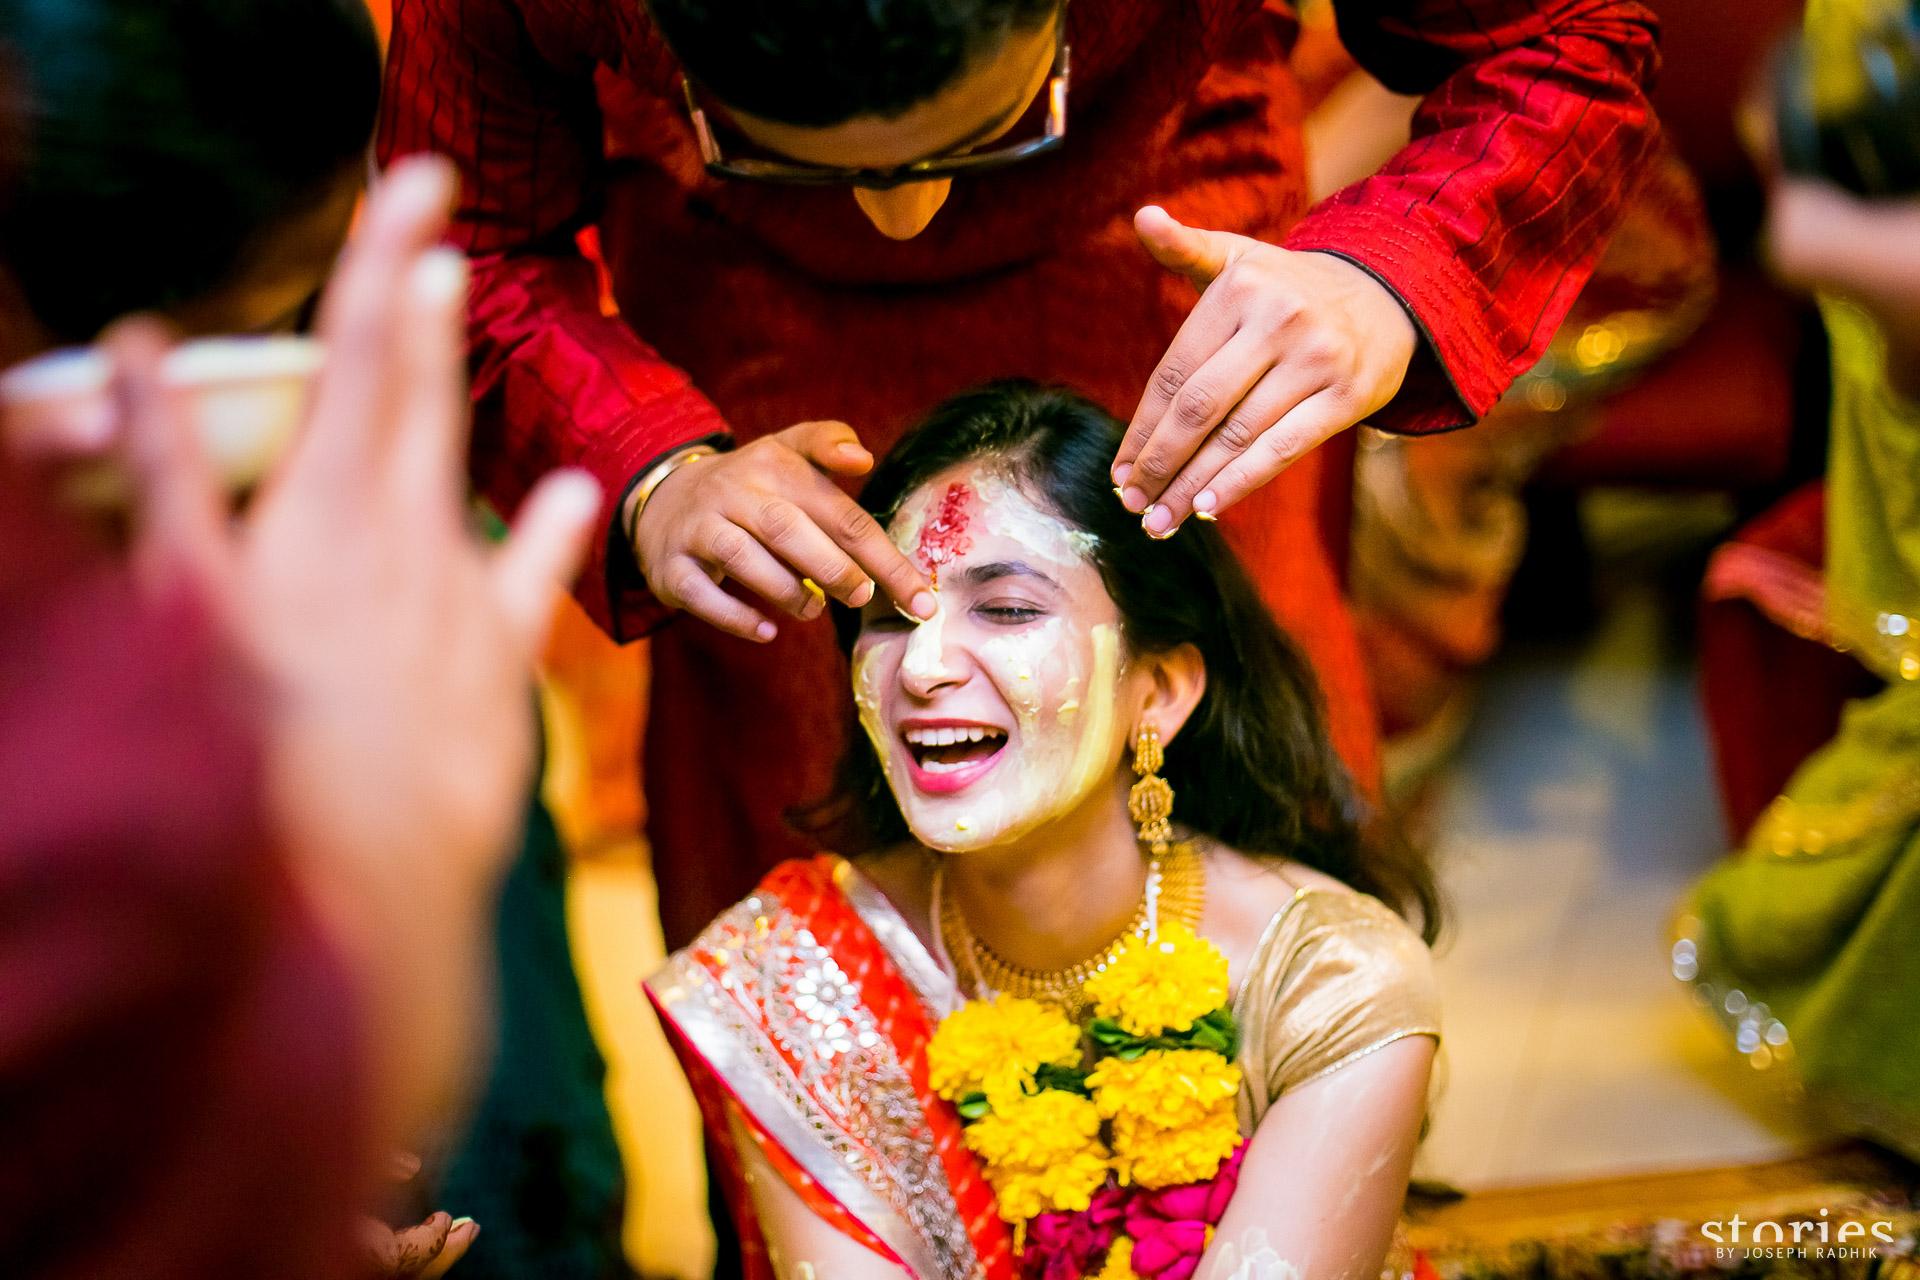 JRS_Jigish-Priyanka_14558.jpg